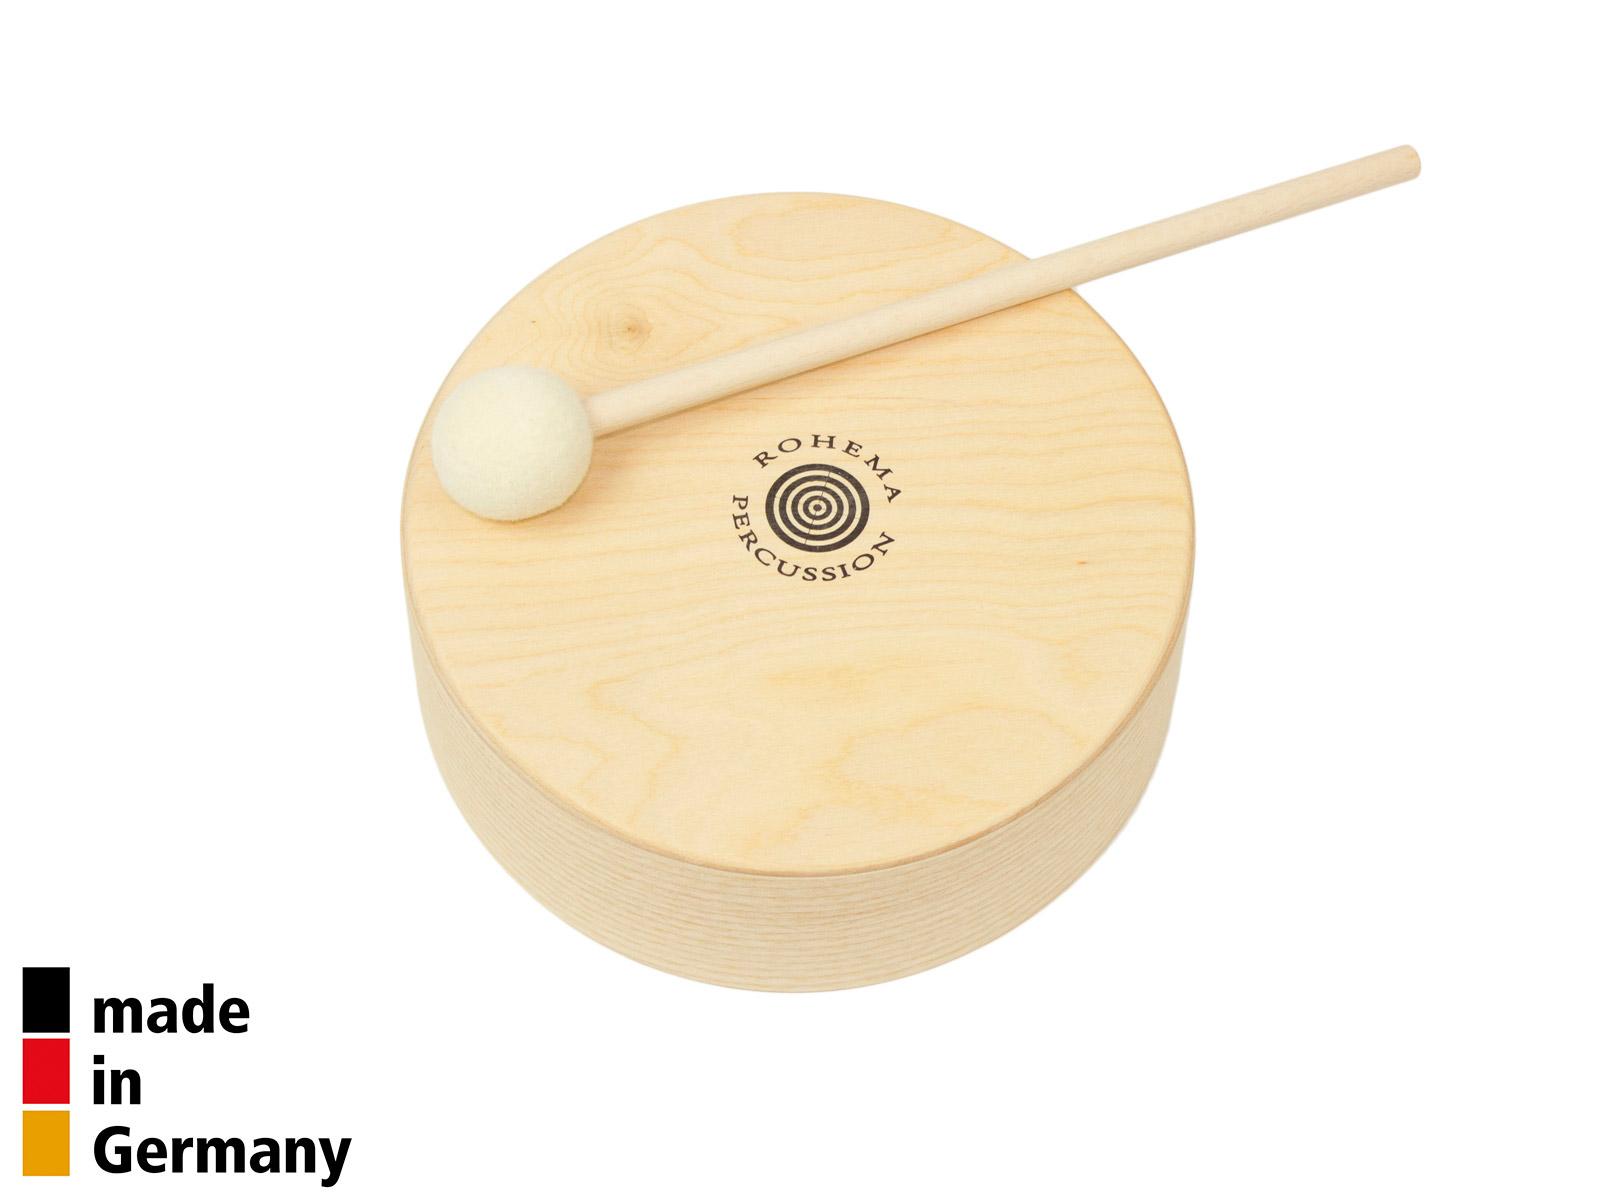 Rohema tom en bois 16cm 1 baguette 3 accessories for Baguettes bois decoratives